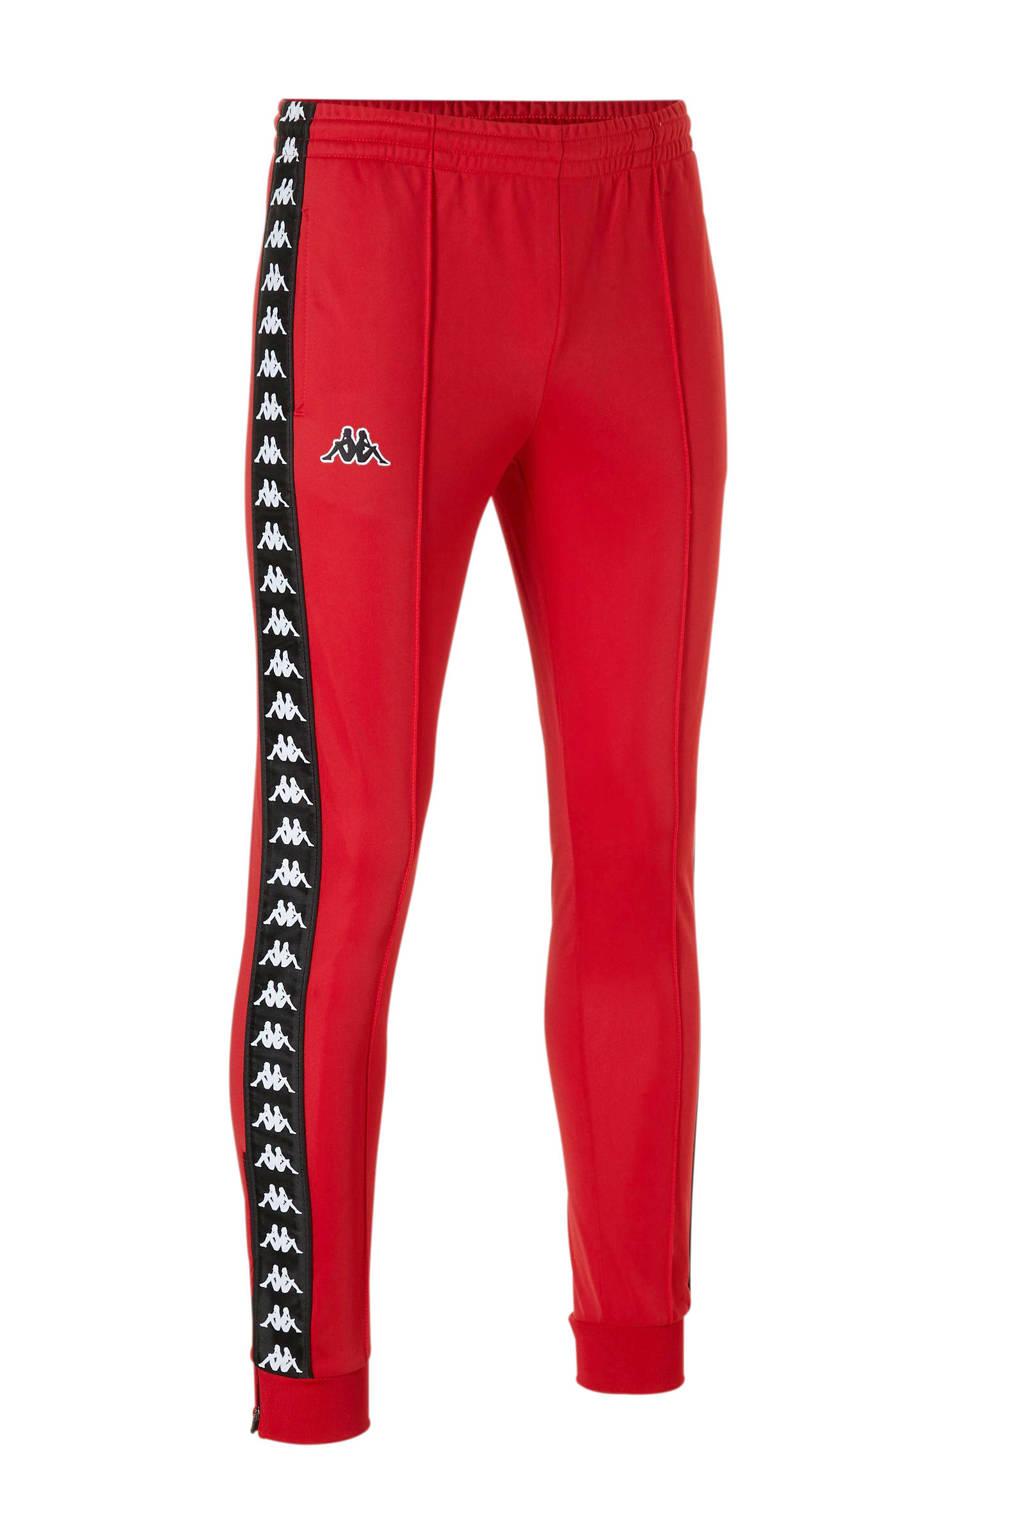 Kappa trainingsbroek met zijstreep rood/zwart, Rood/zwart